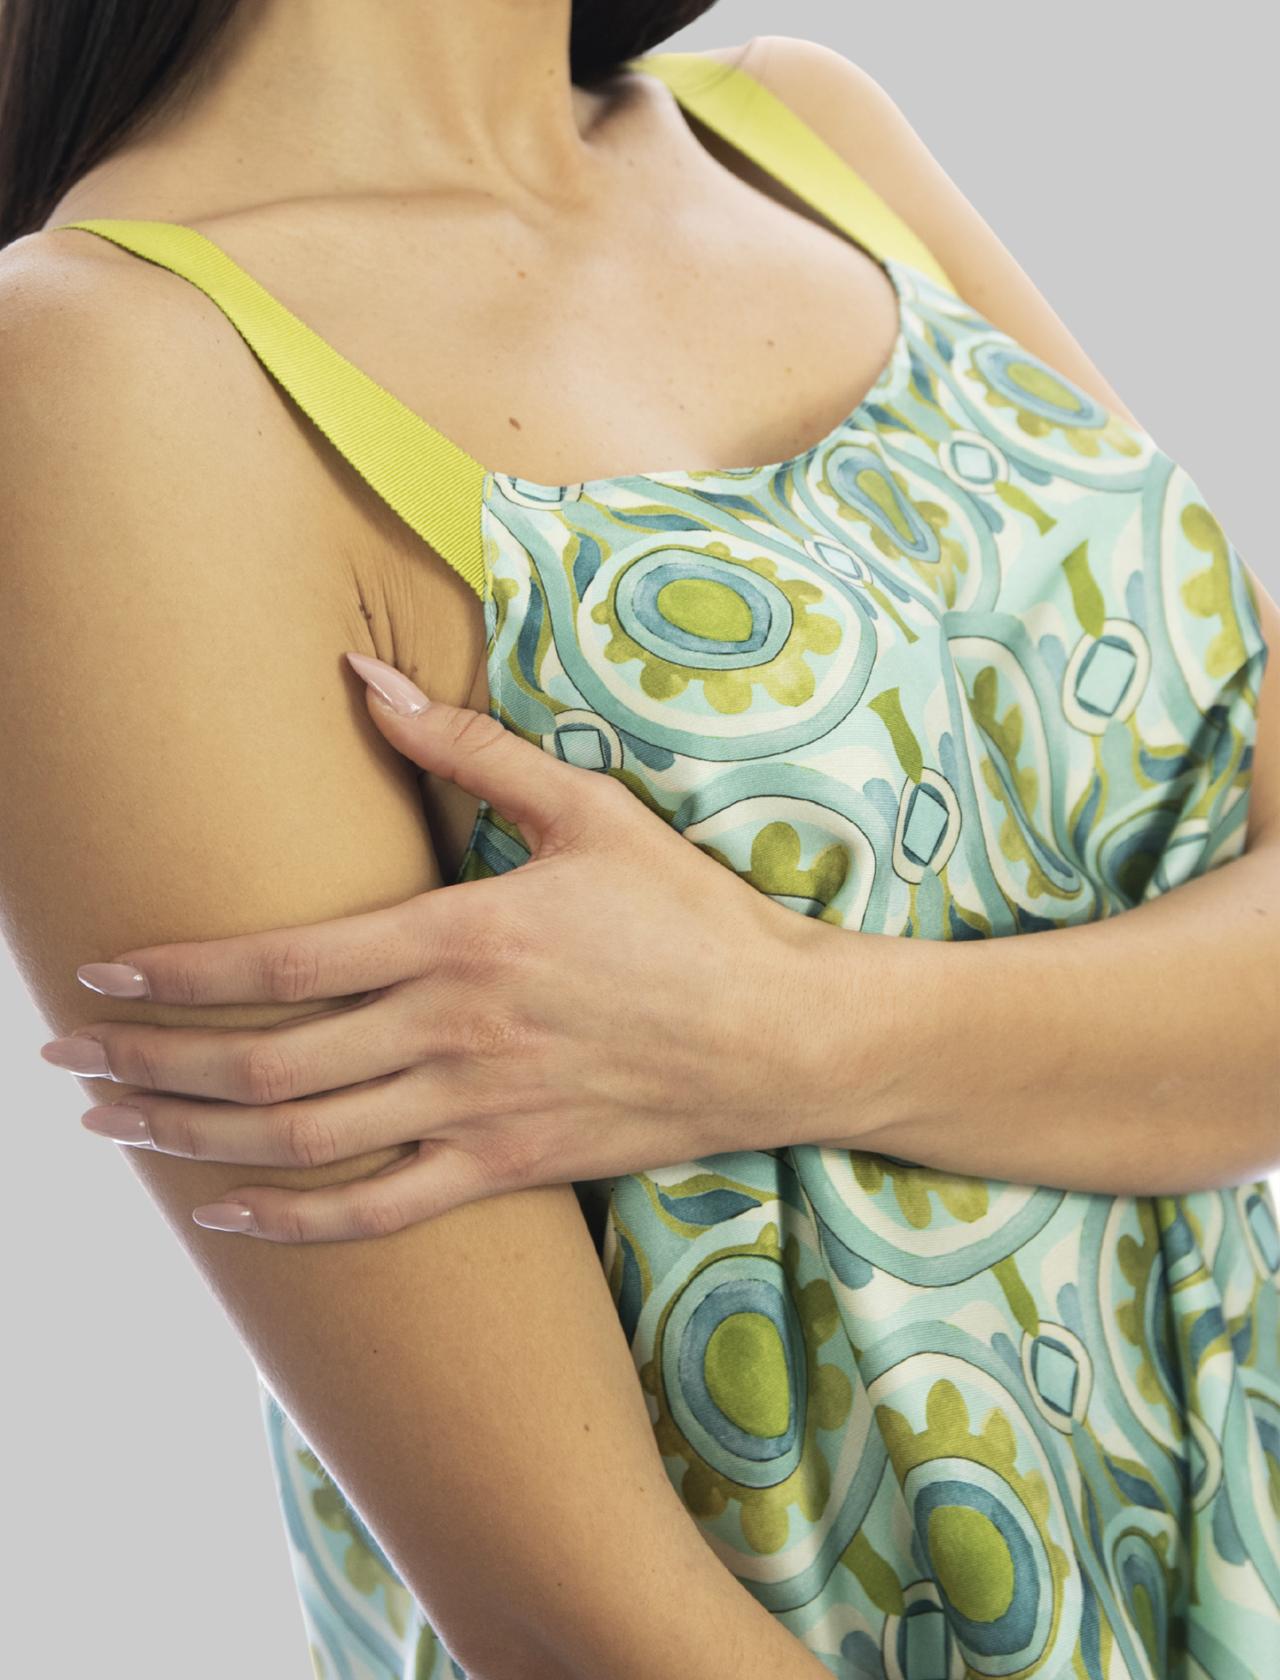 Abbigliamento Donna Top Ottoman Twill Turchese con Bretelle in Gros Grain Mono Colore Maliparmi | Camicie e Top | JP539860046A8207